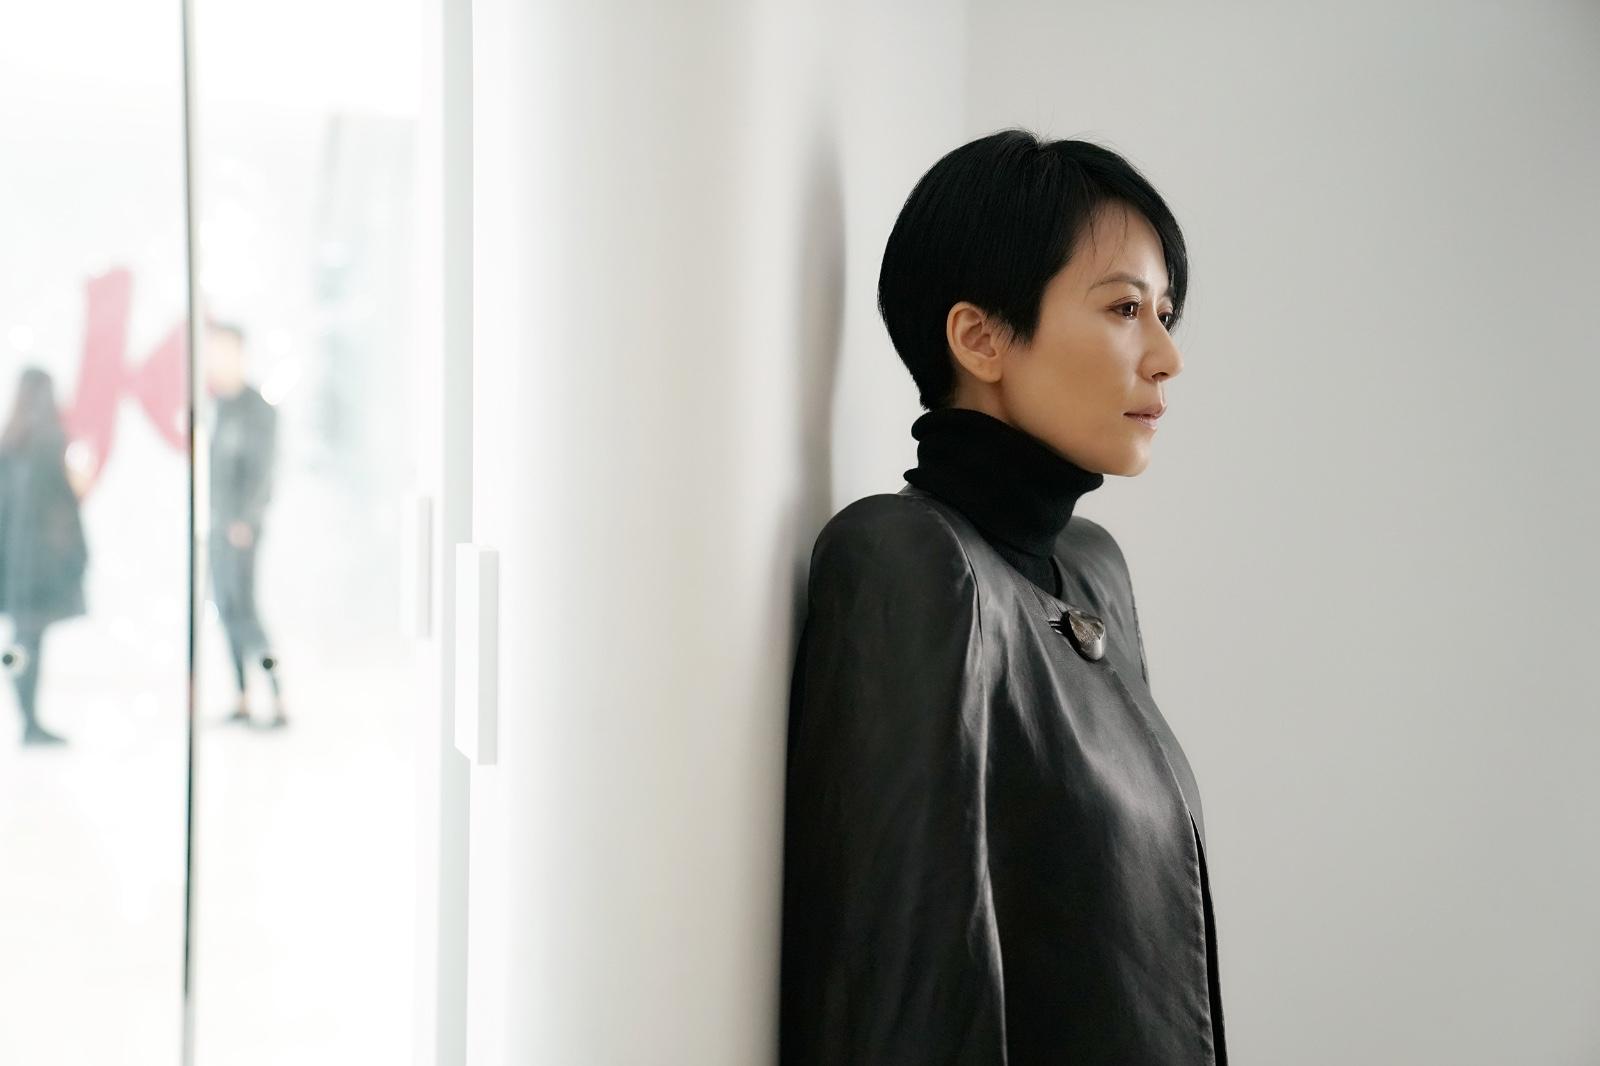 电影《在乎你》影节概念海报双发 将开幕东京电影节中国电影周